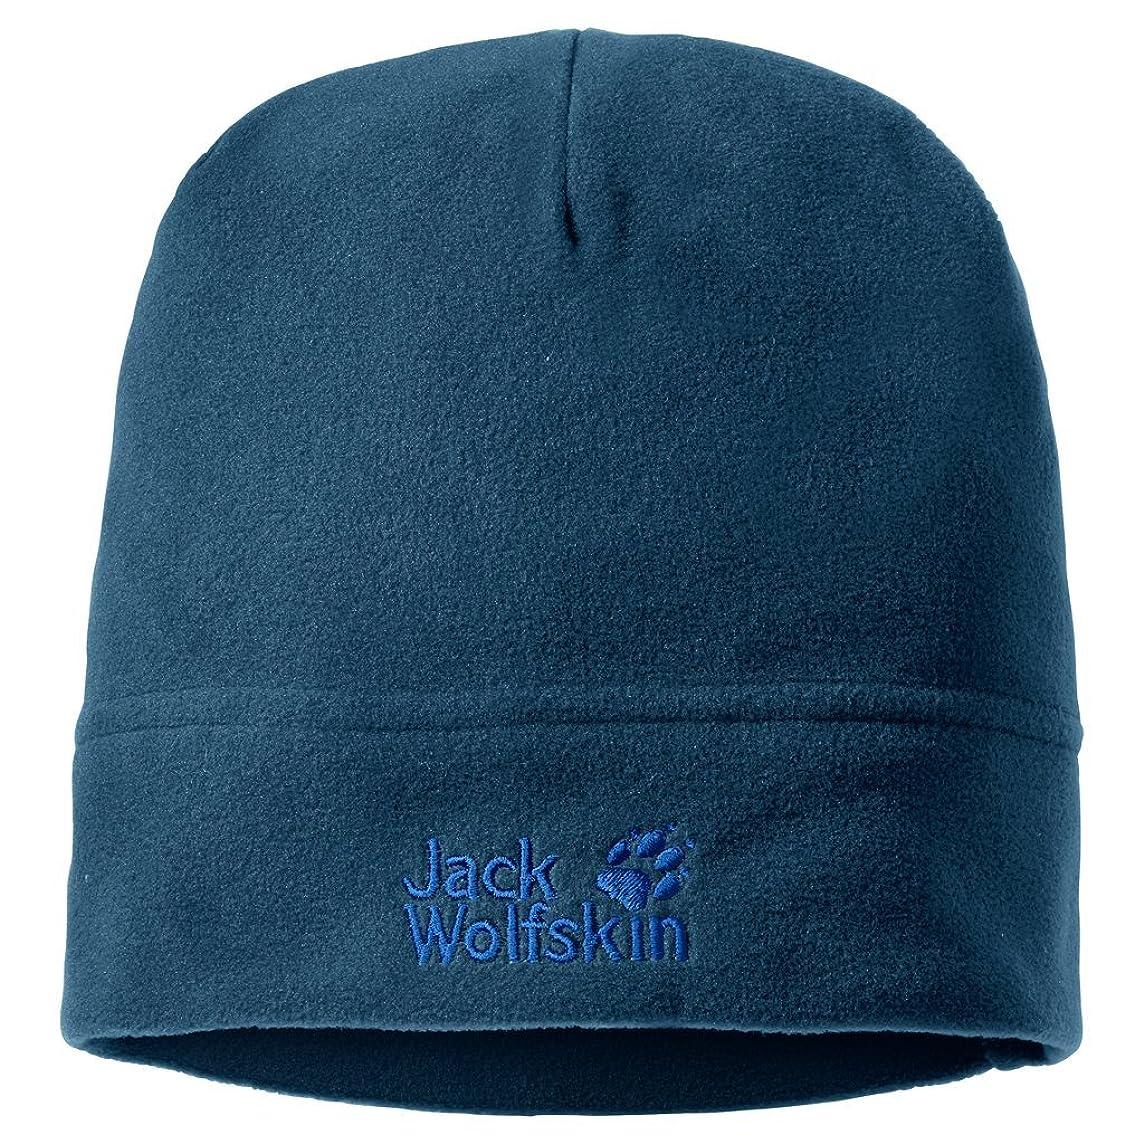 Jack Wolfskin Real Stuff Cap Lightweight Unisex Fleece Beanie